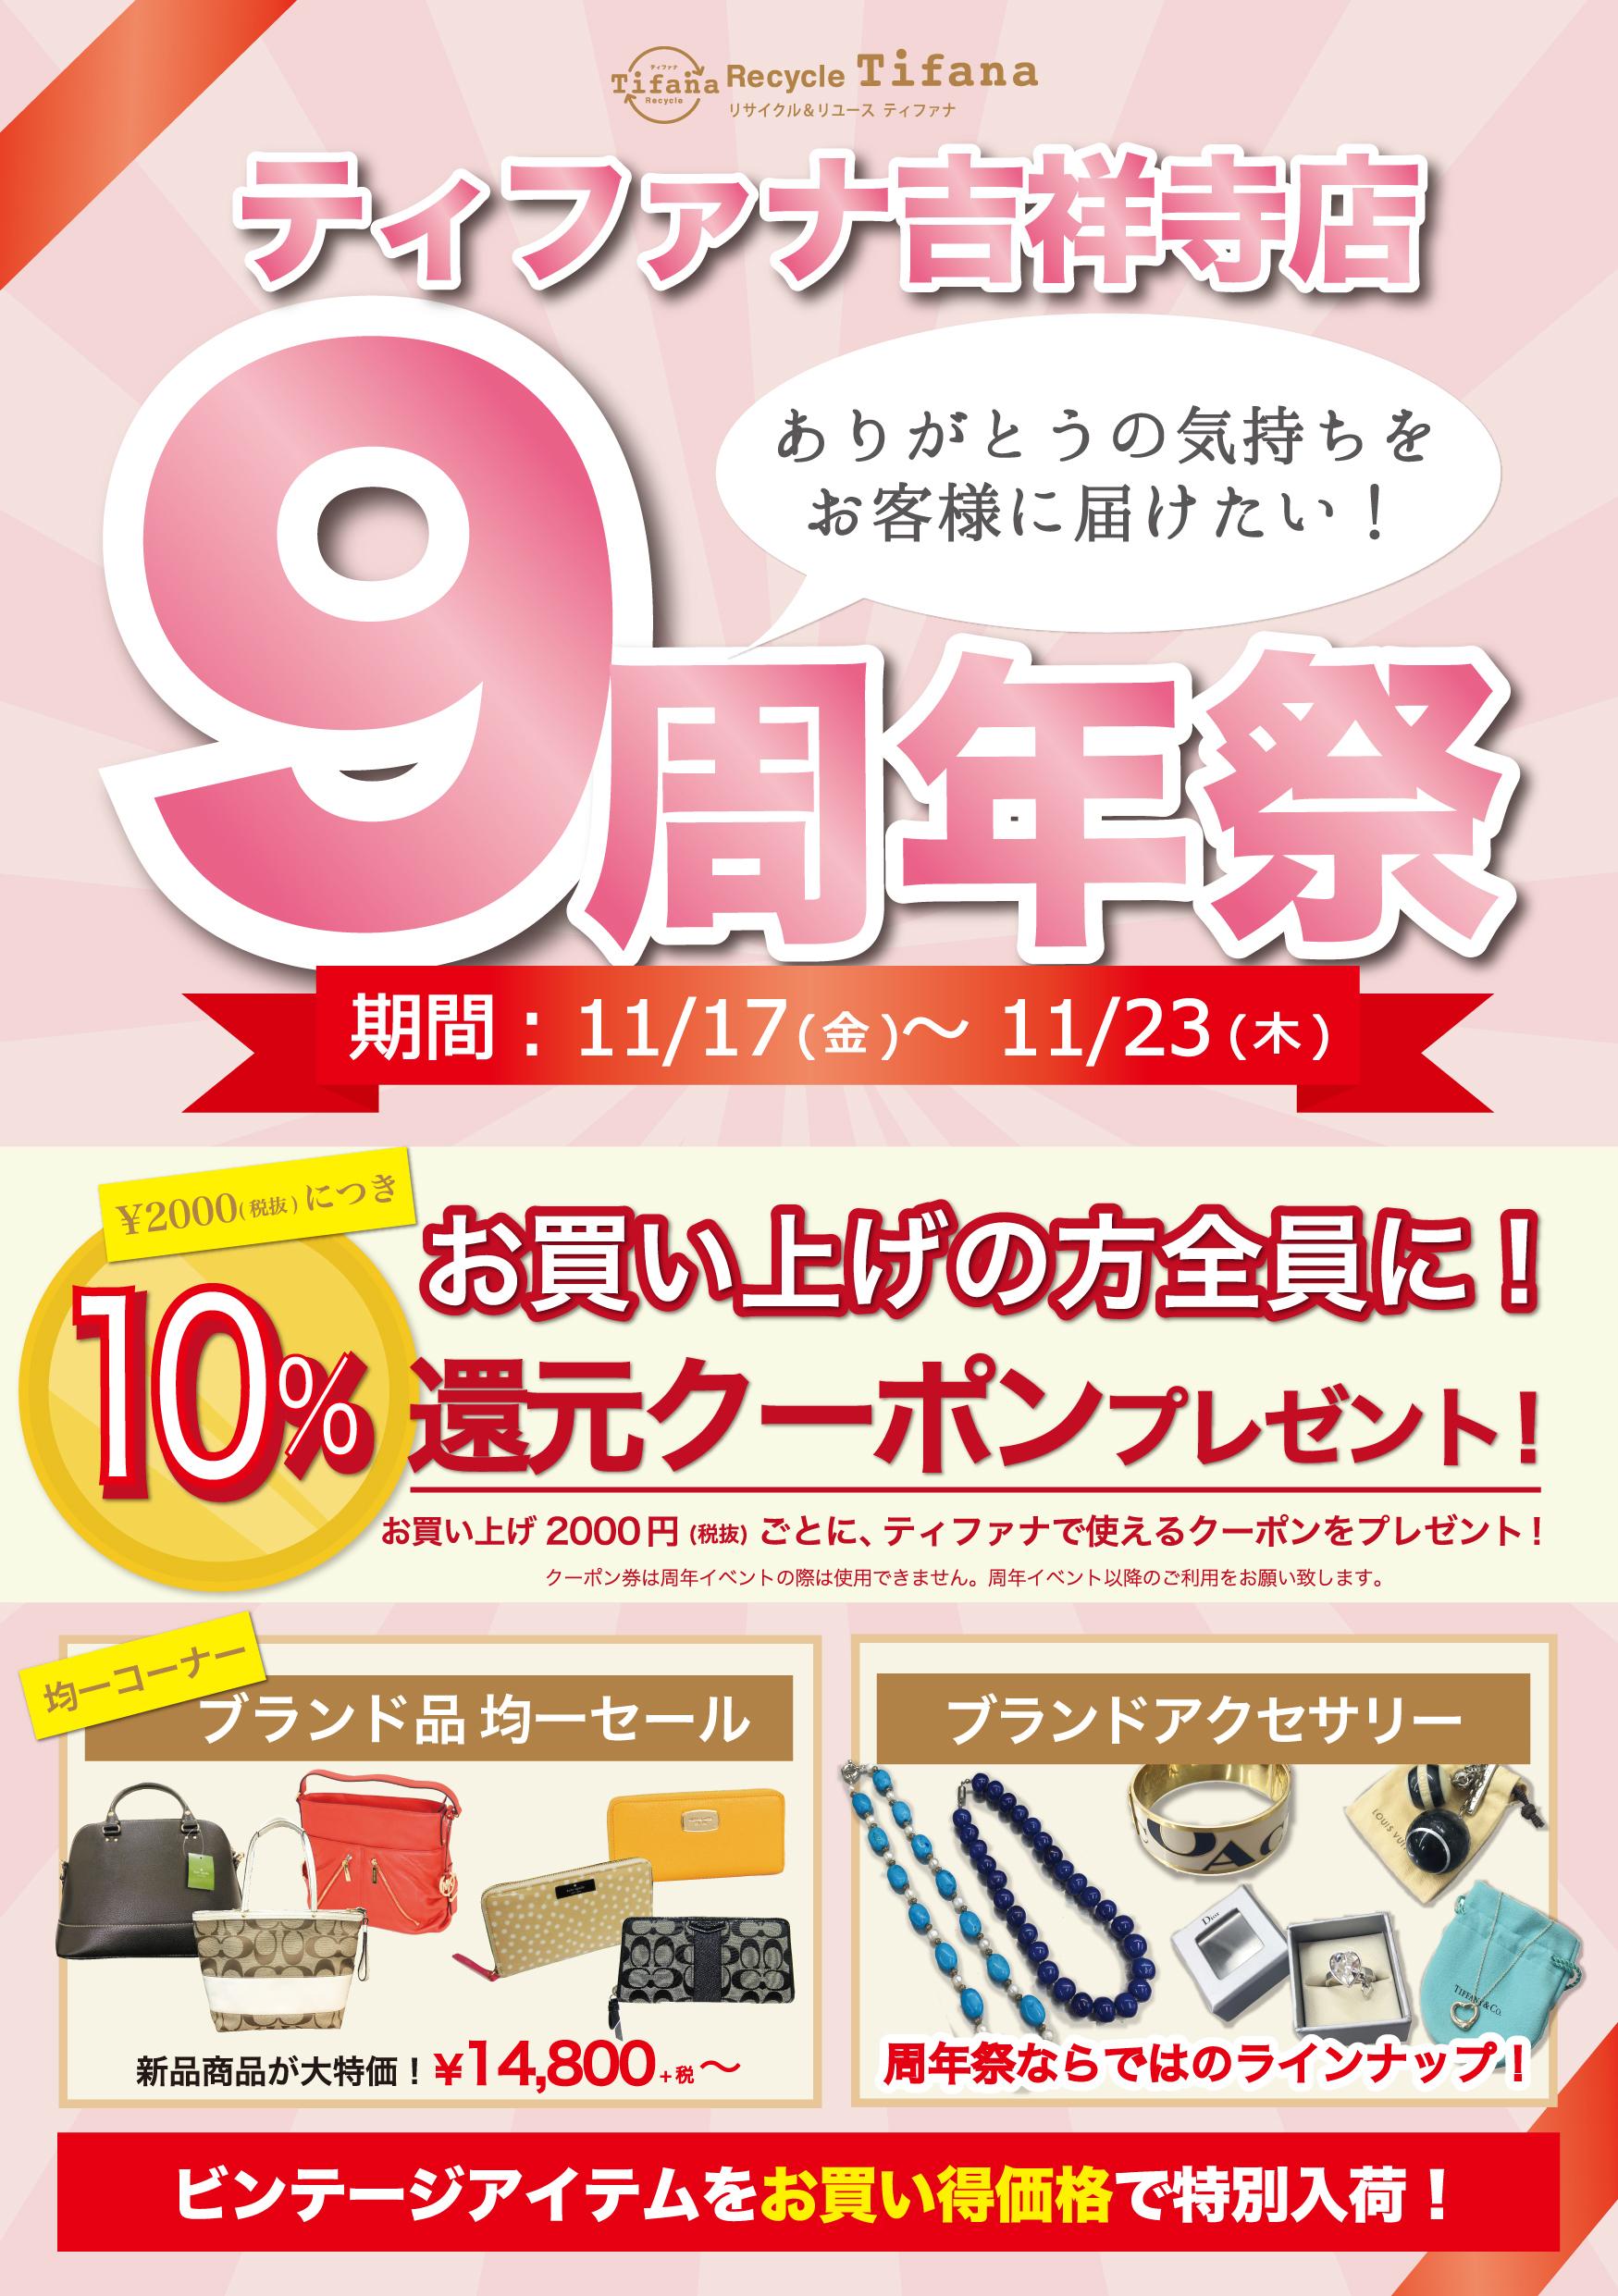 リサイクルティファナ吉祥寺9周年祭